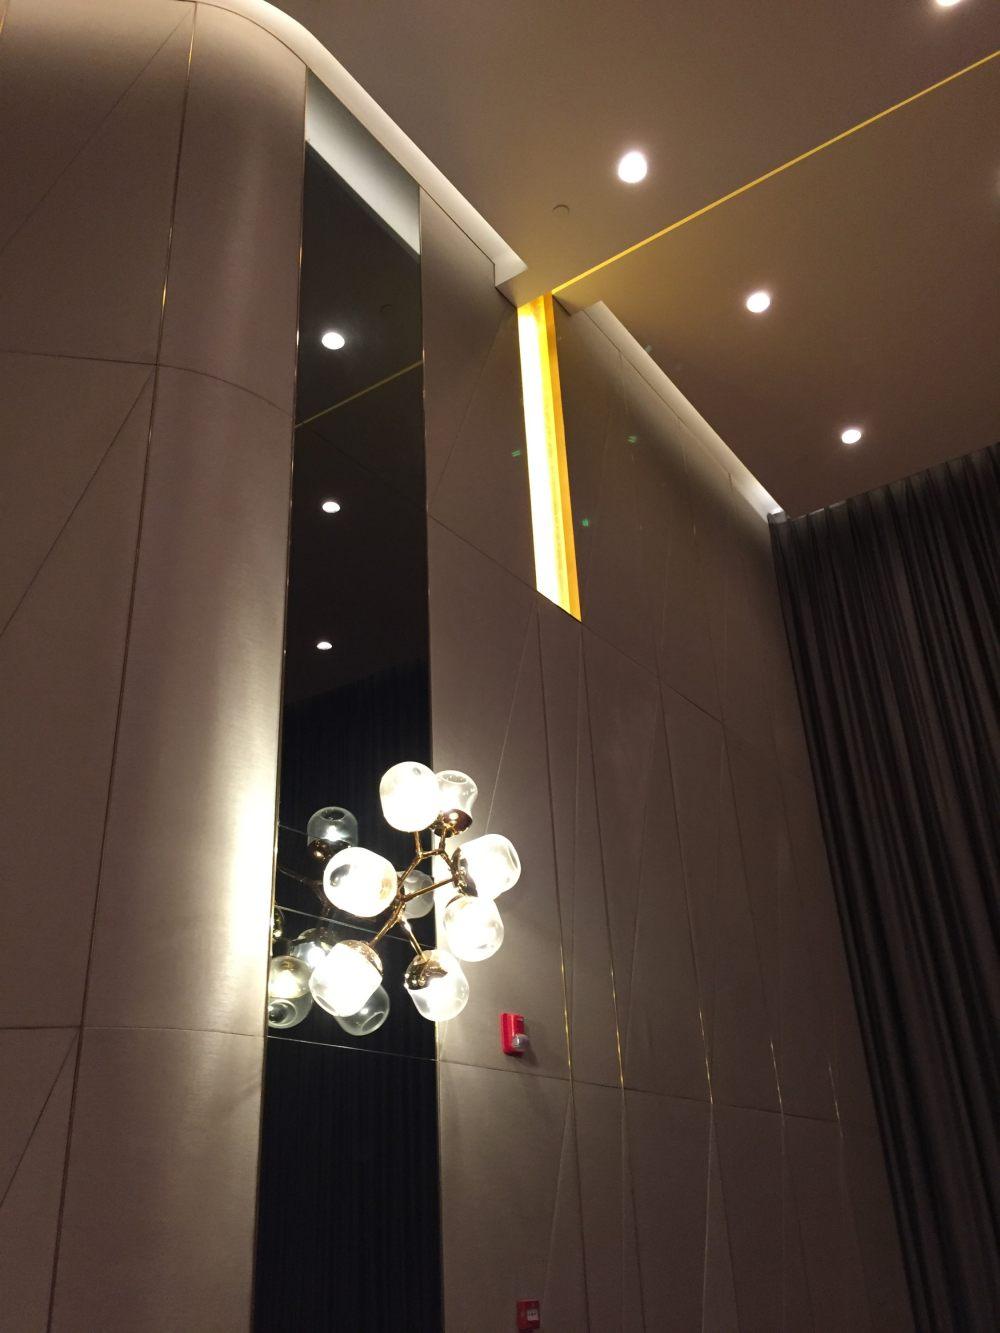 上海外滩W酒店,史上最全入住体验 自拍分享,申请置...._IMG_6115.JPG